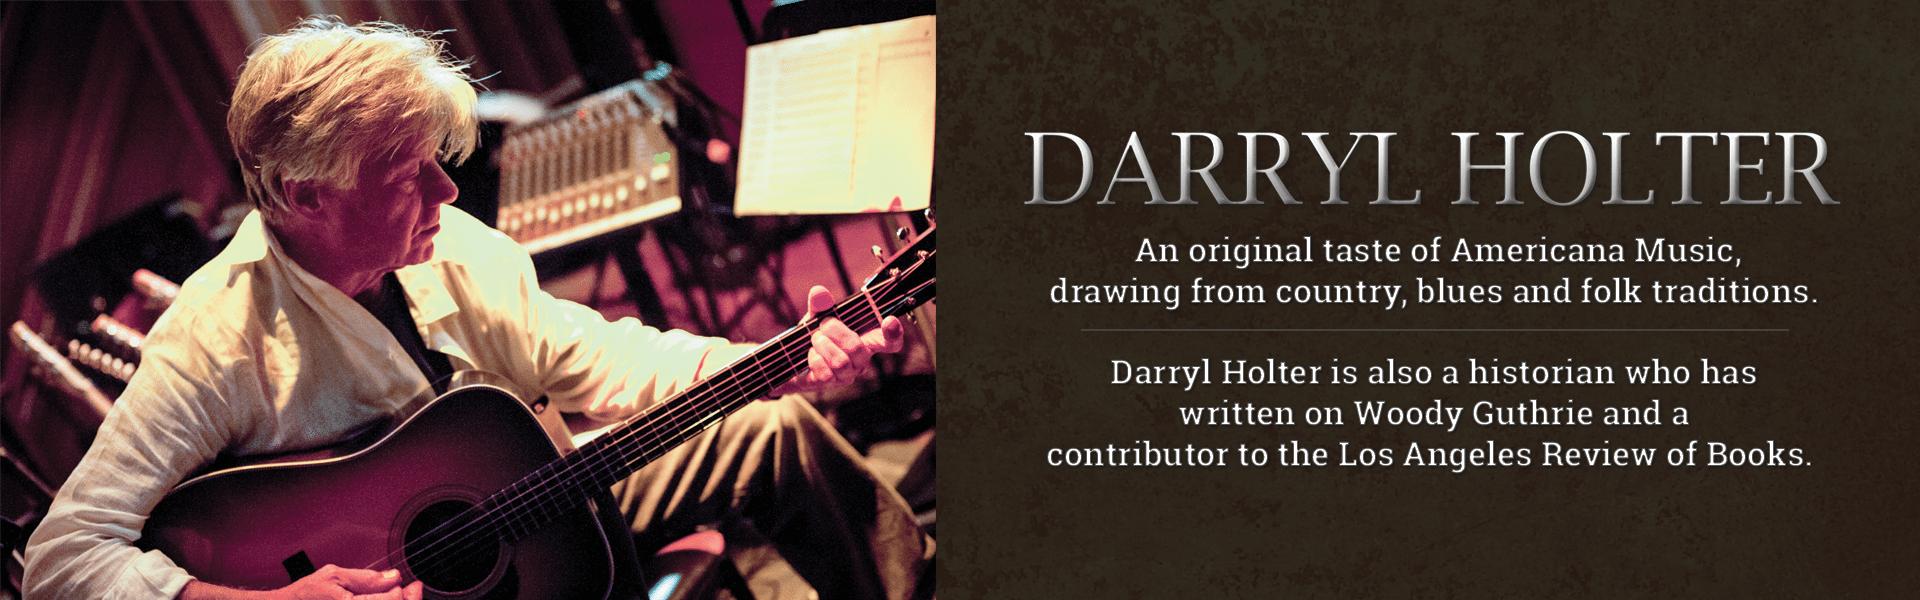 Darryl Holter